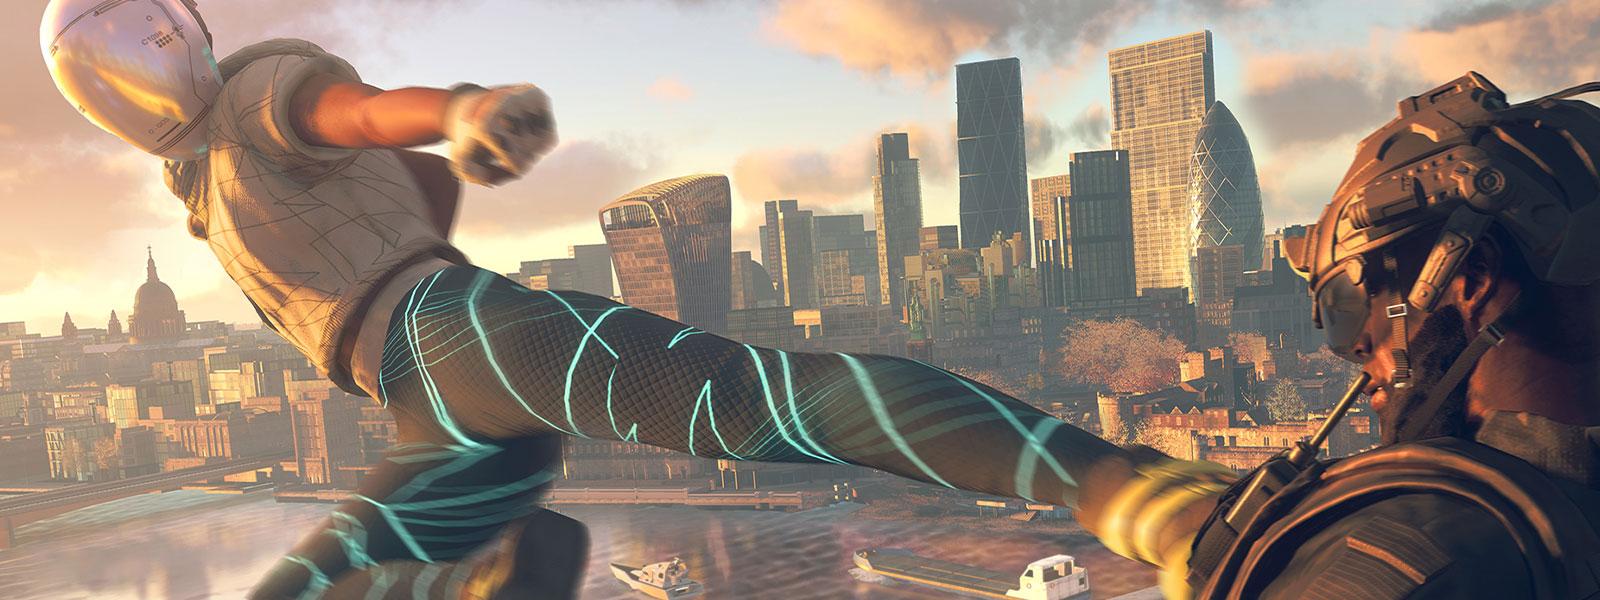 Personaje que patea en el aire con el fondo de una ciudad